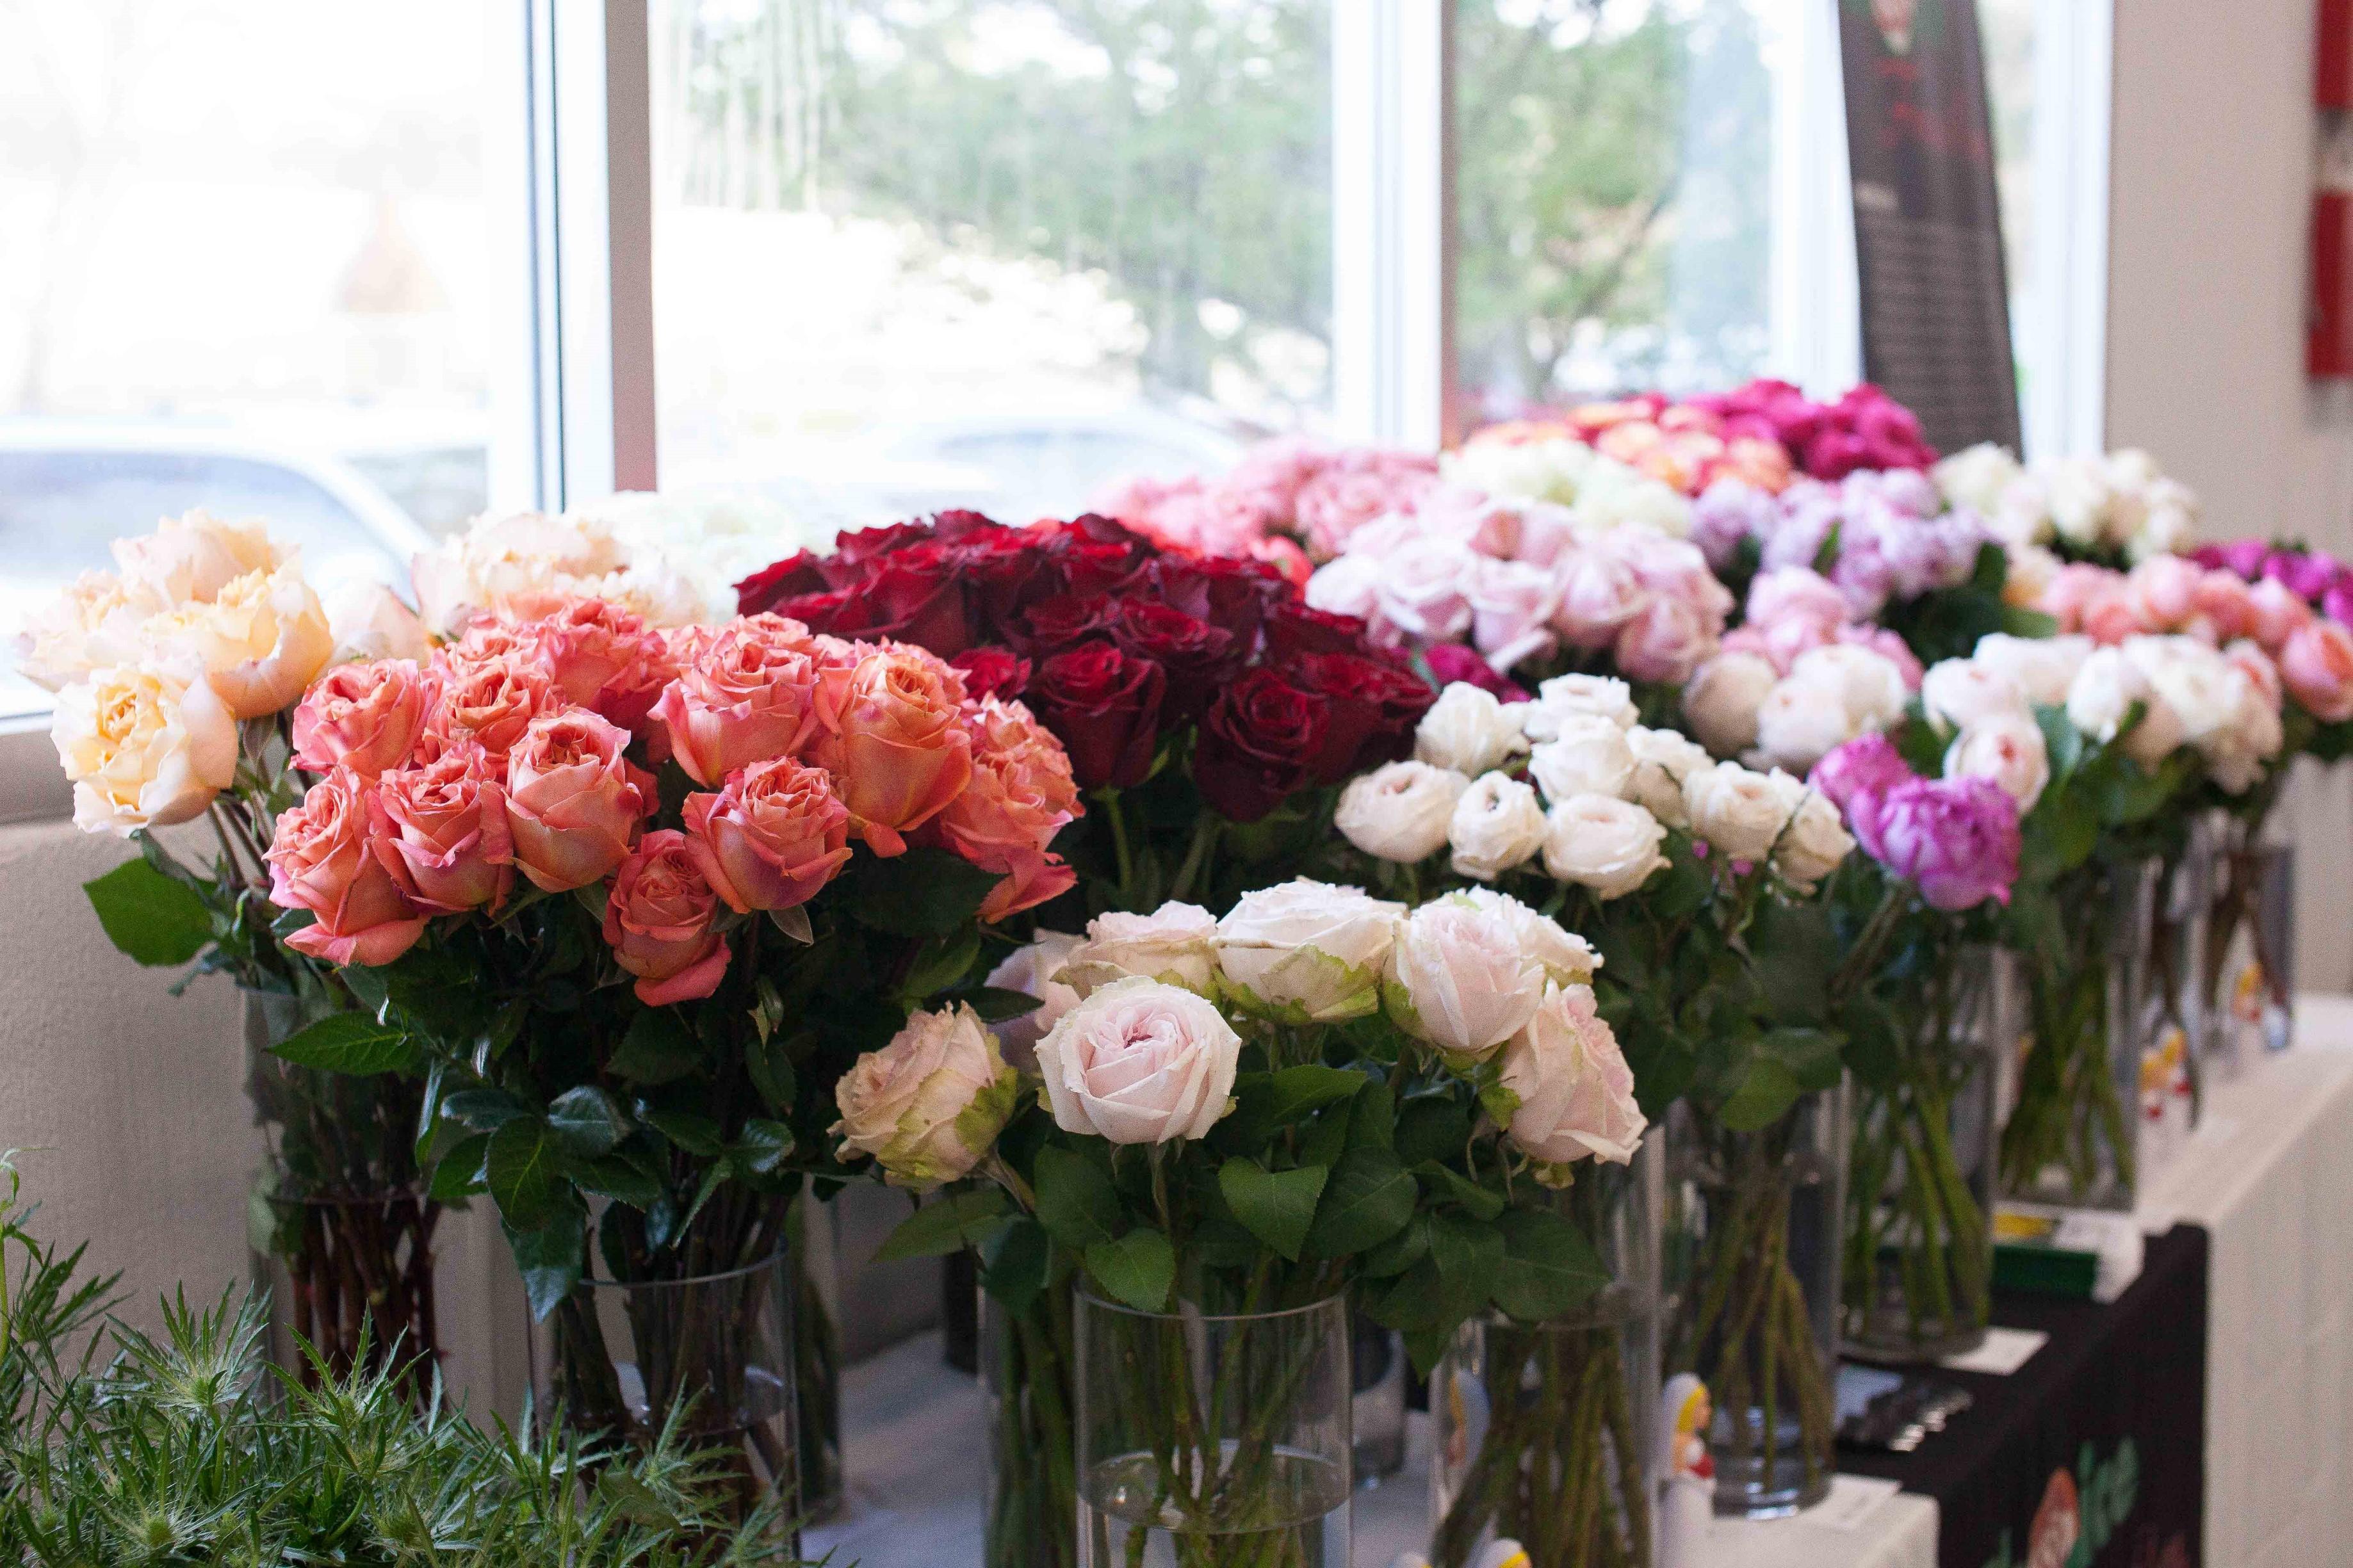 Portland Flower Market Imported Roses